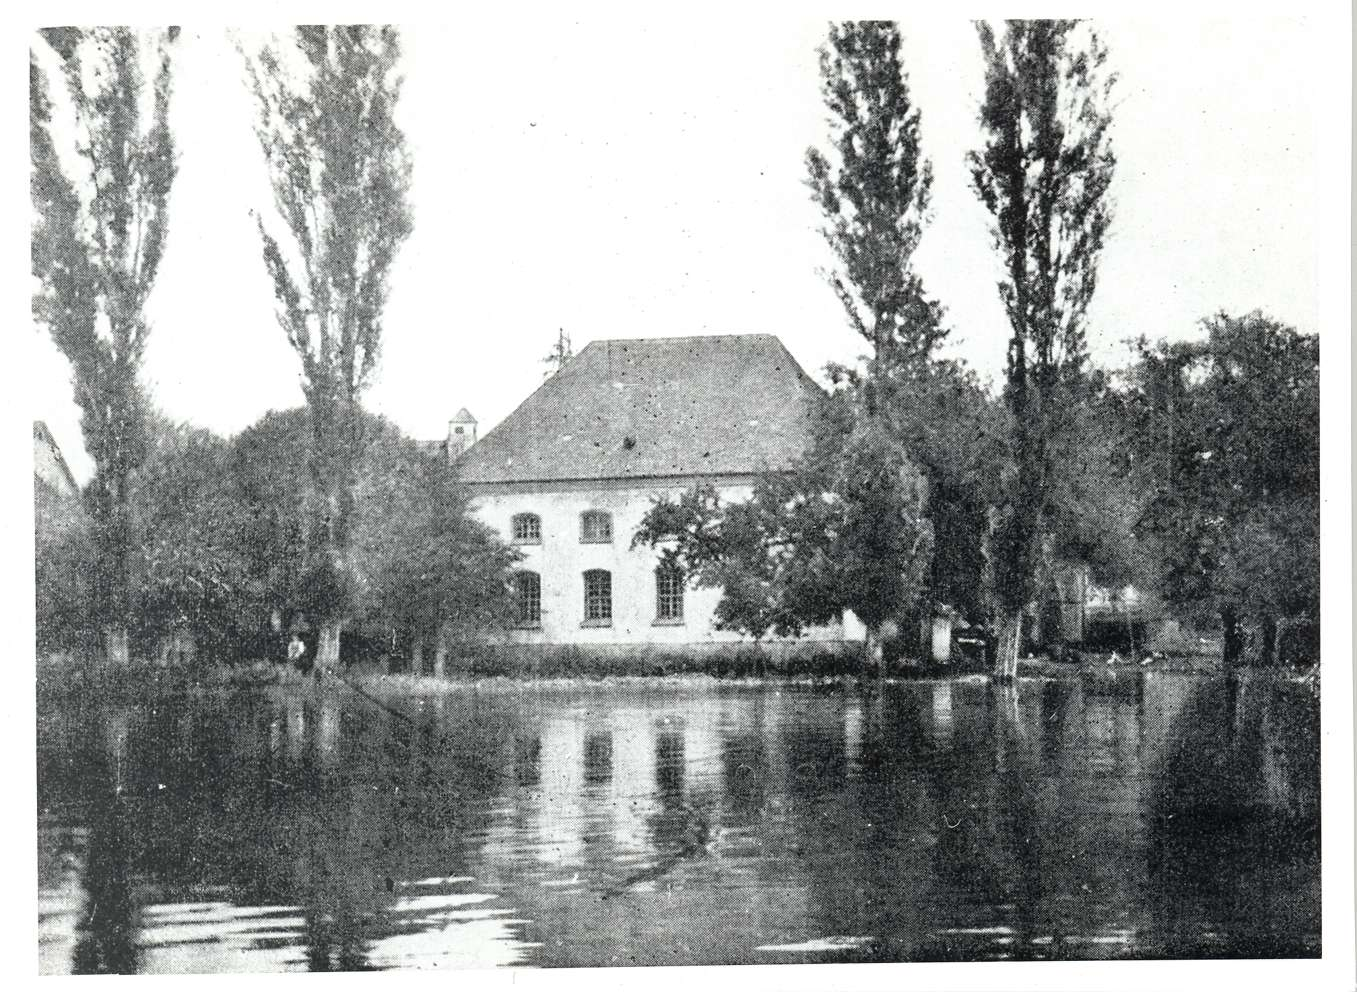 Wangen, Öhningen, KN; Synagoge, Außenansicht, Bild 1